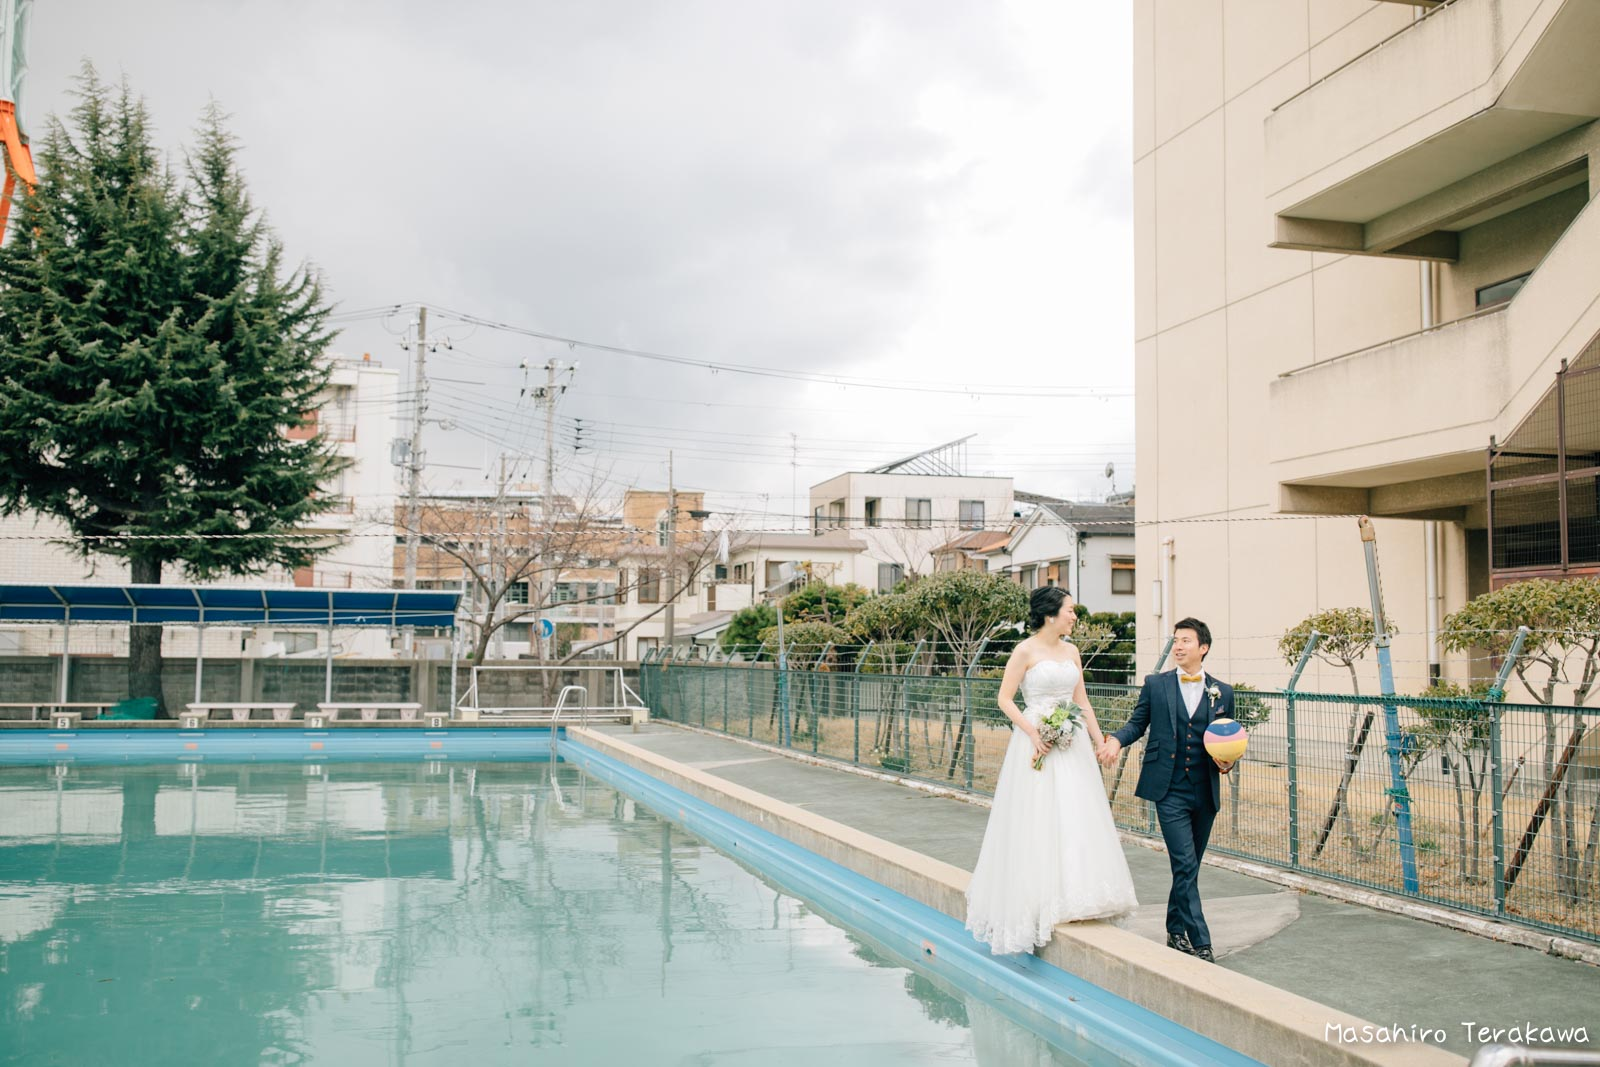 神戸の学校(母校)にて結婚式前撮り4